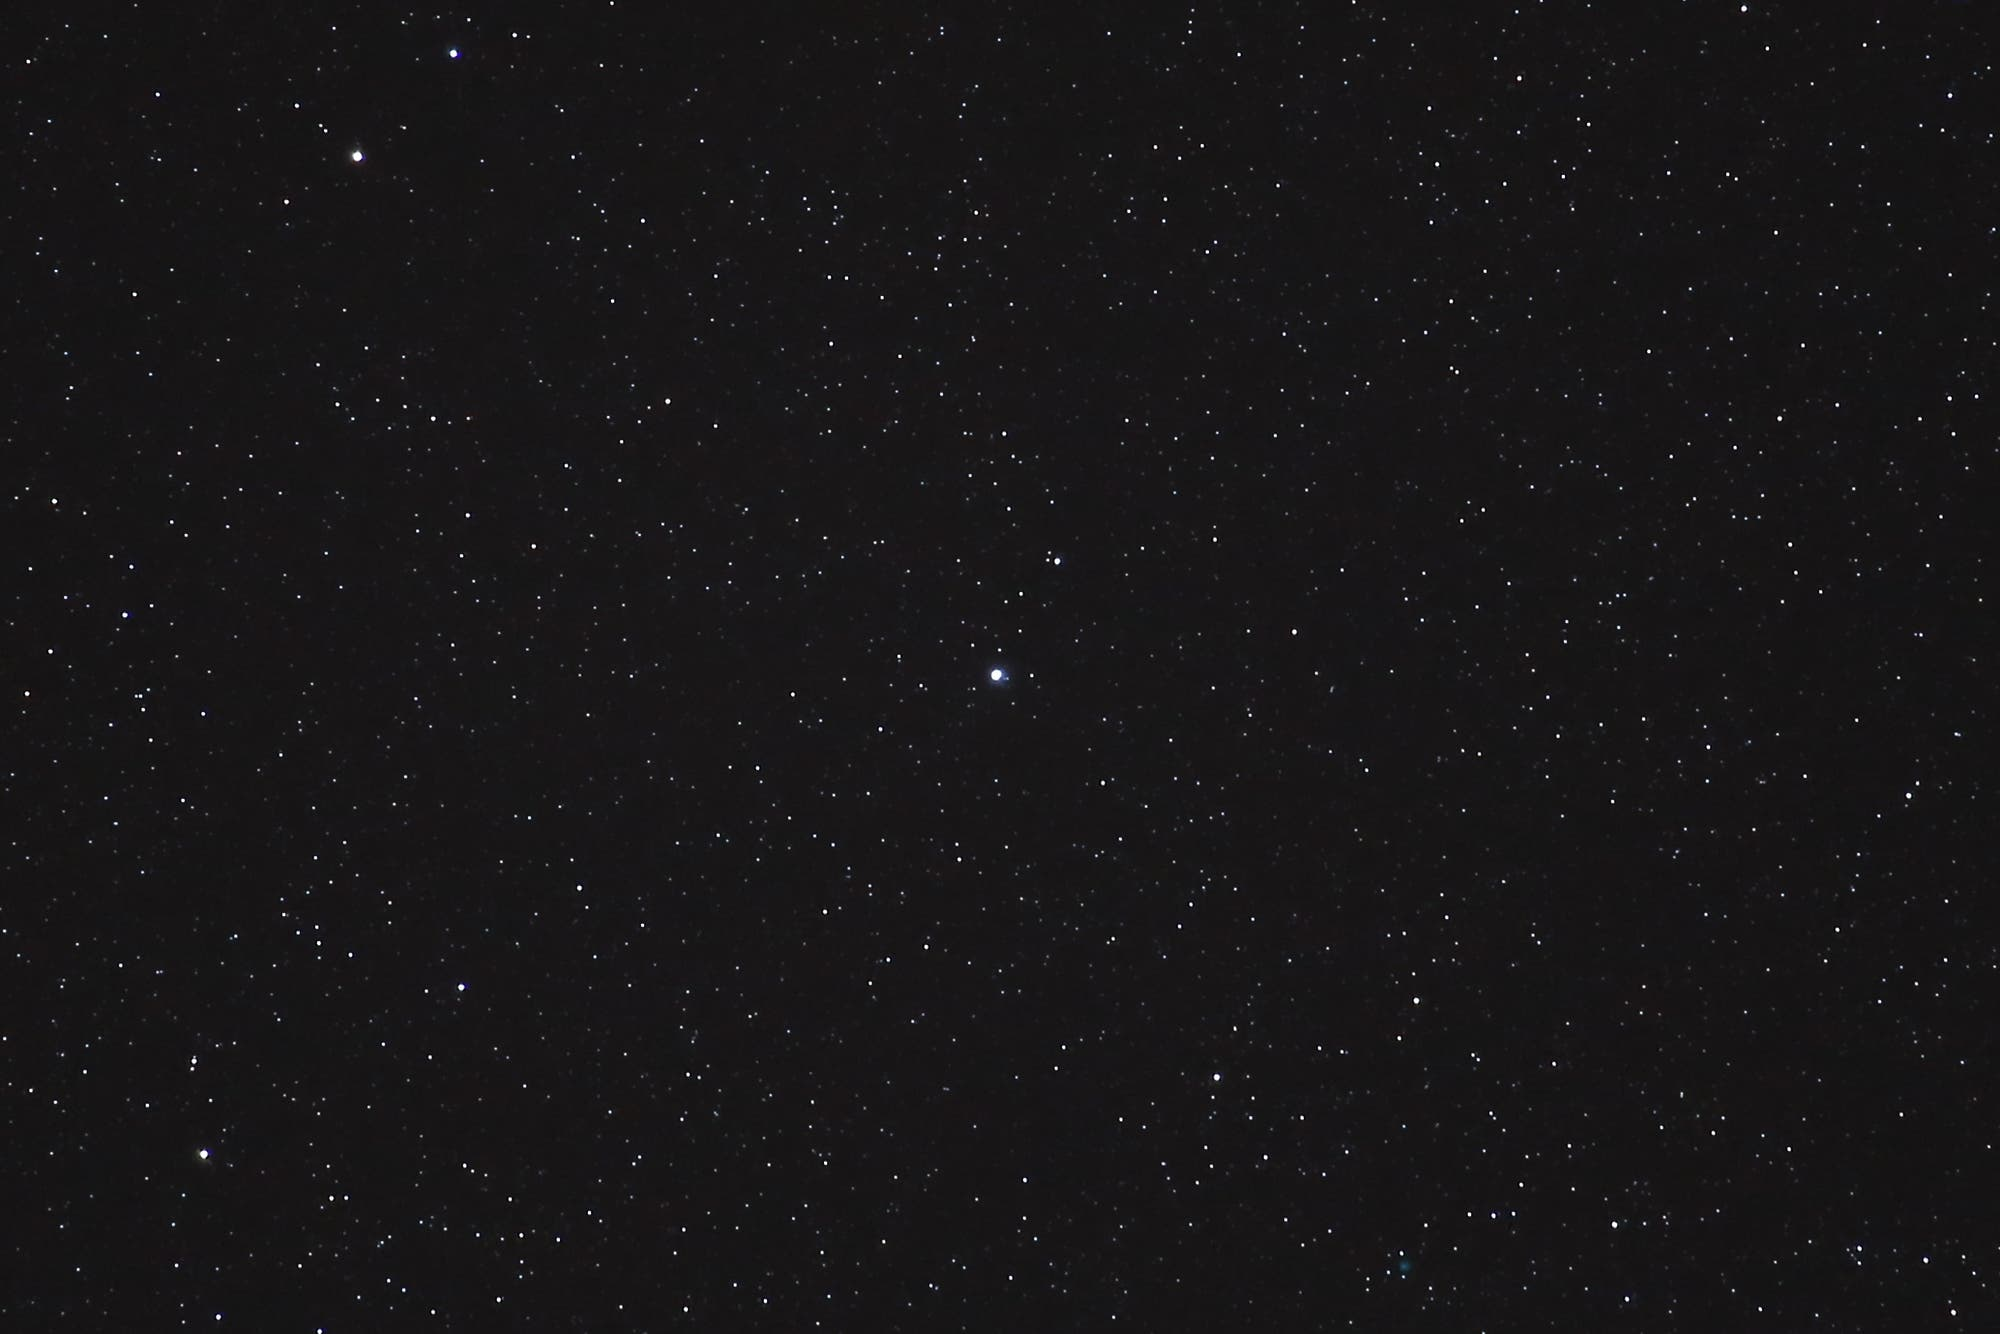 Nova Delphini 2013 bei einer Helligkeit von 5 mag